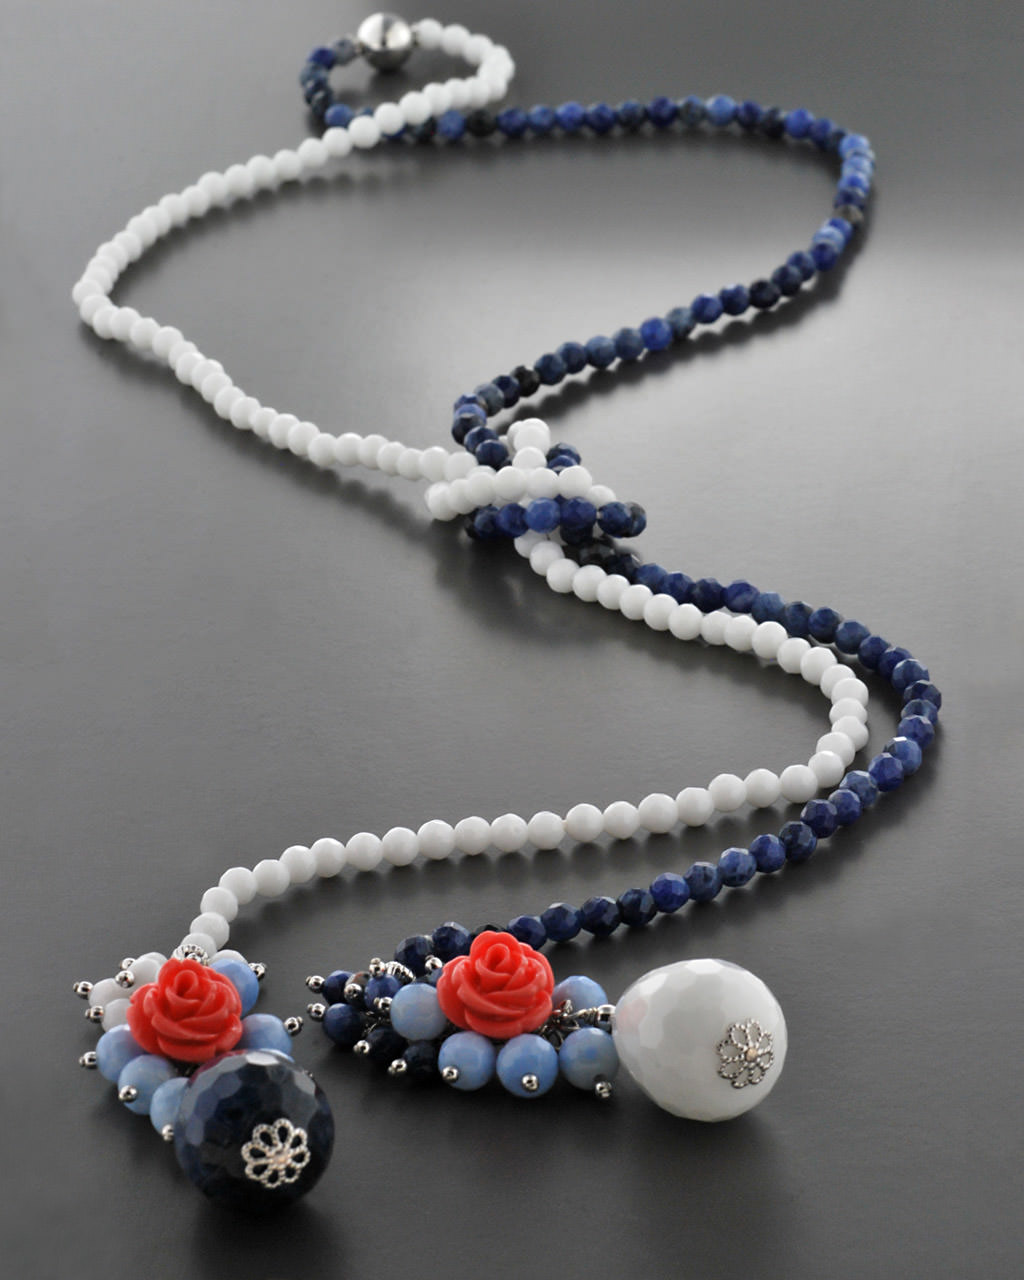 Κολιέ ασημένιο 925 με Σοδαλίτης, Όνυχα & Κοράλι   γαμοσ δώρα κουμπάρου κουμπαρα